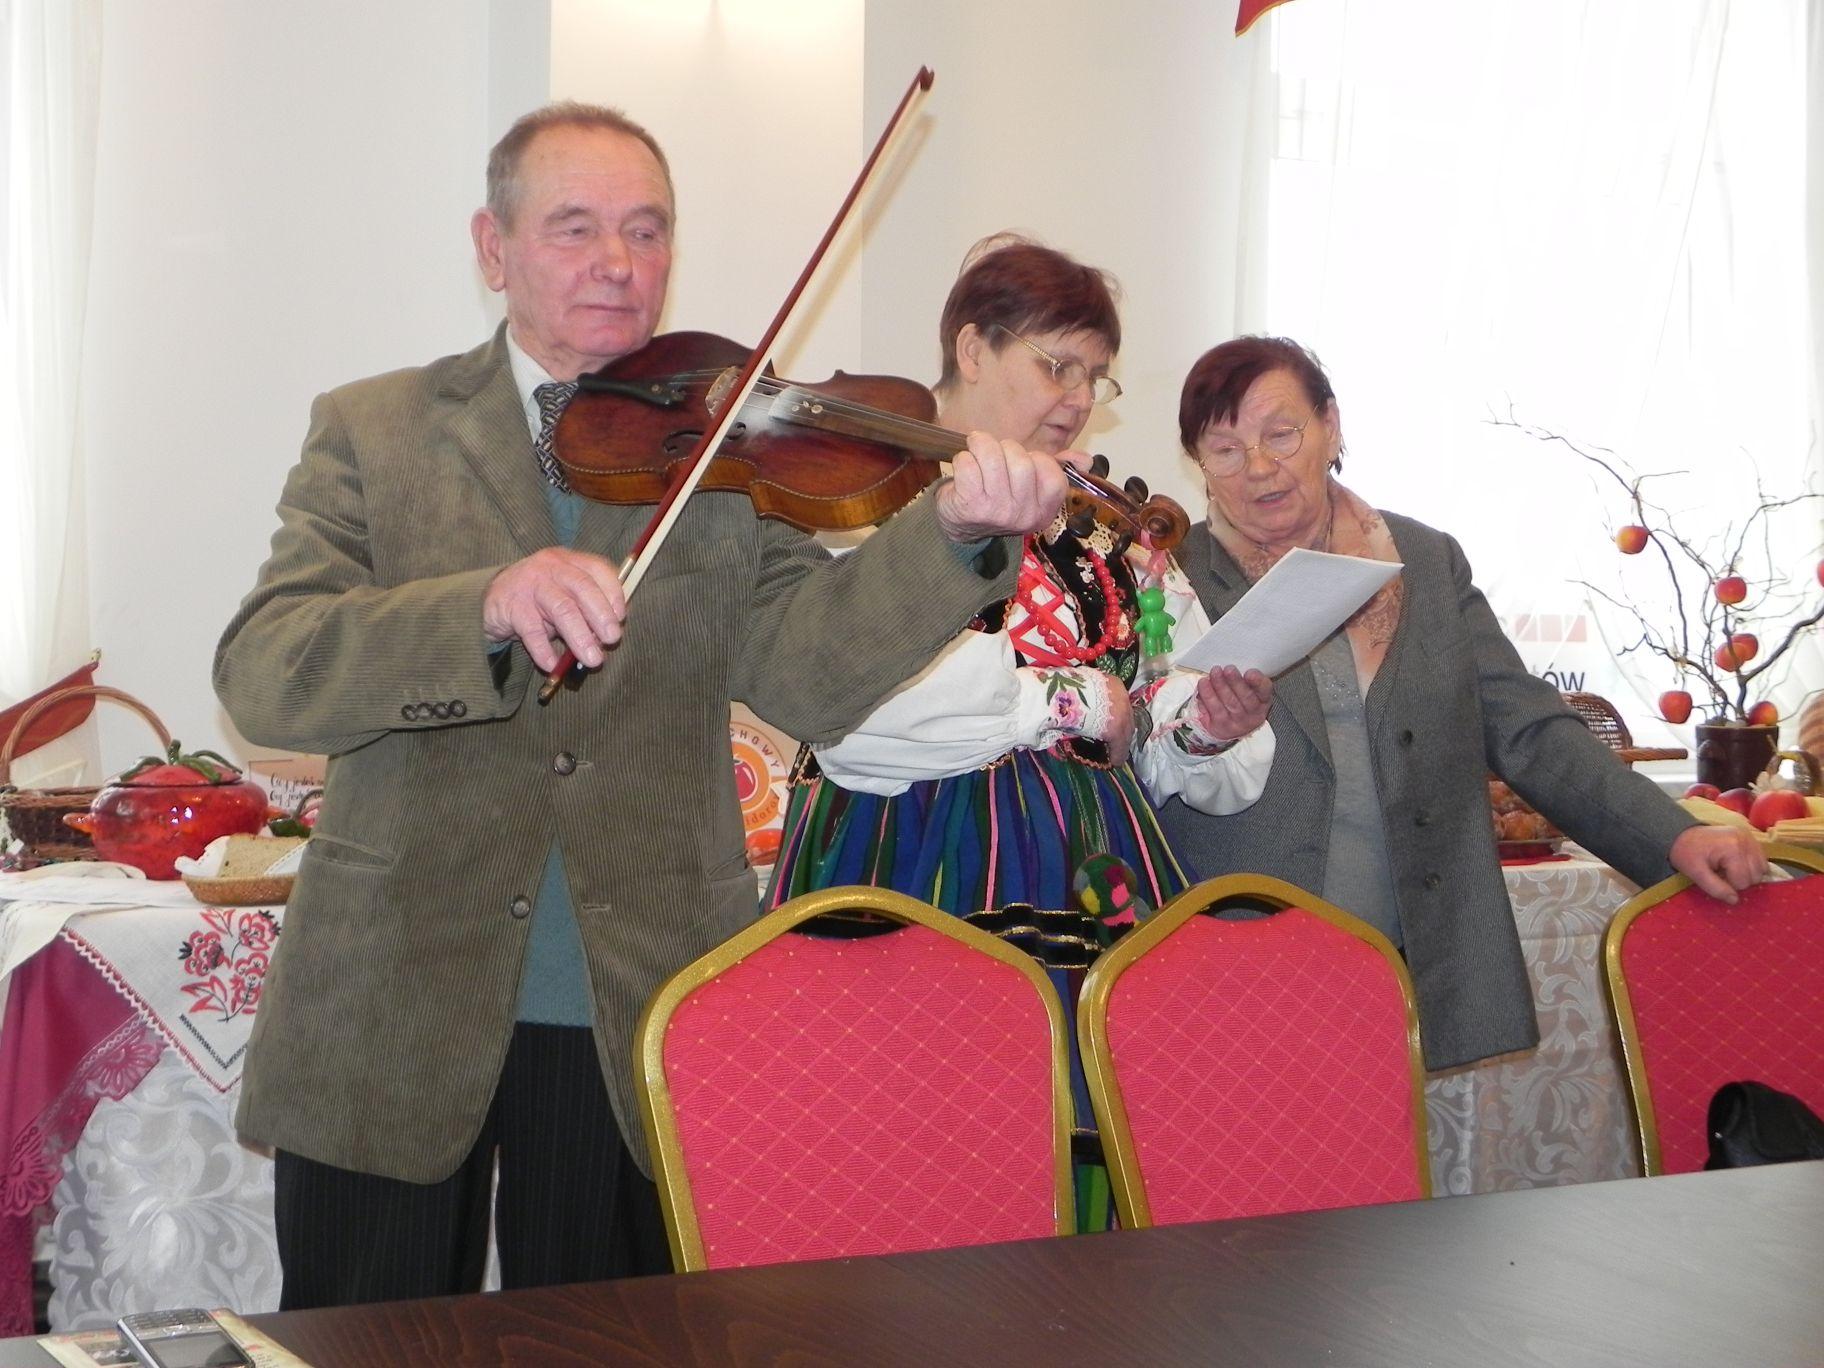 2012-12-14 Wilkowice - Konferencja Wioski tematyczne (120)